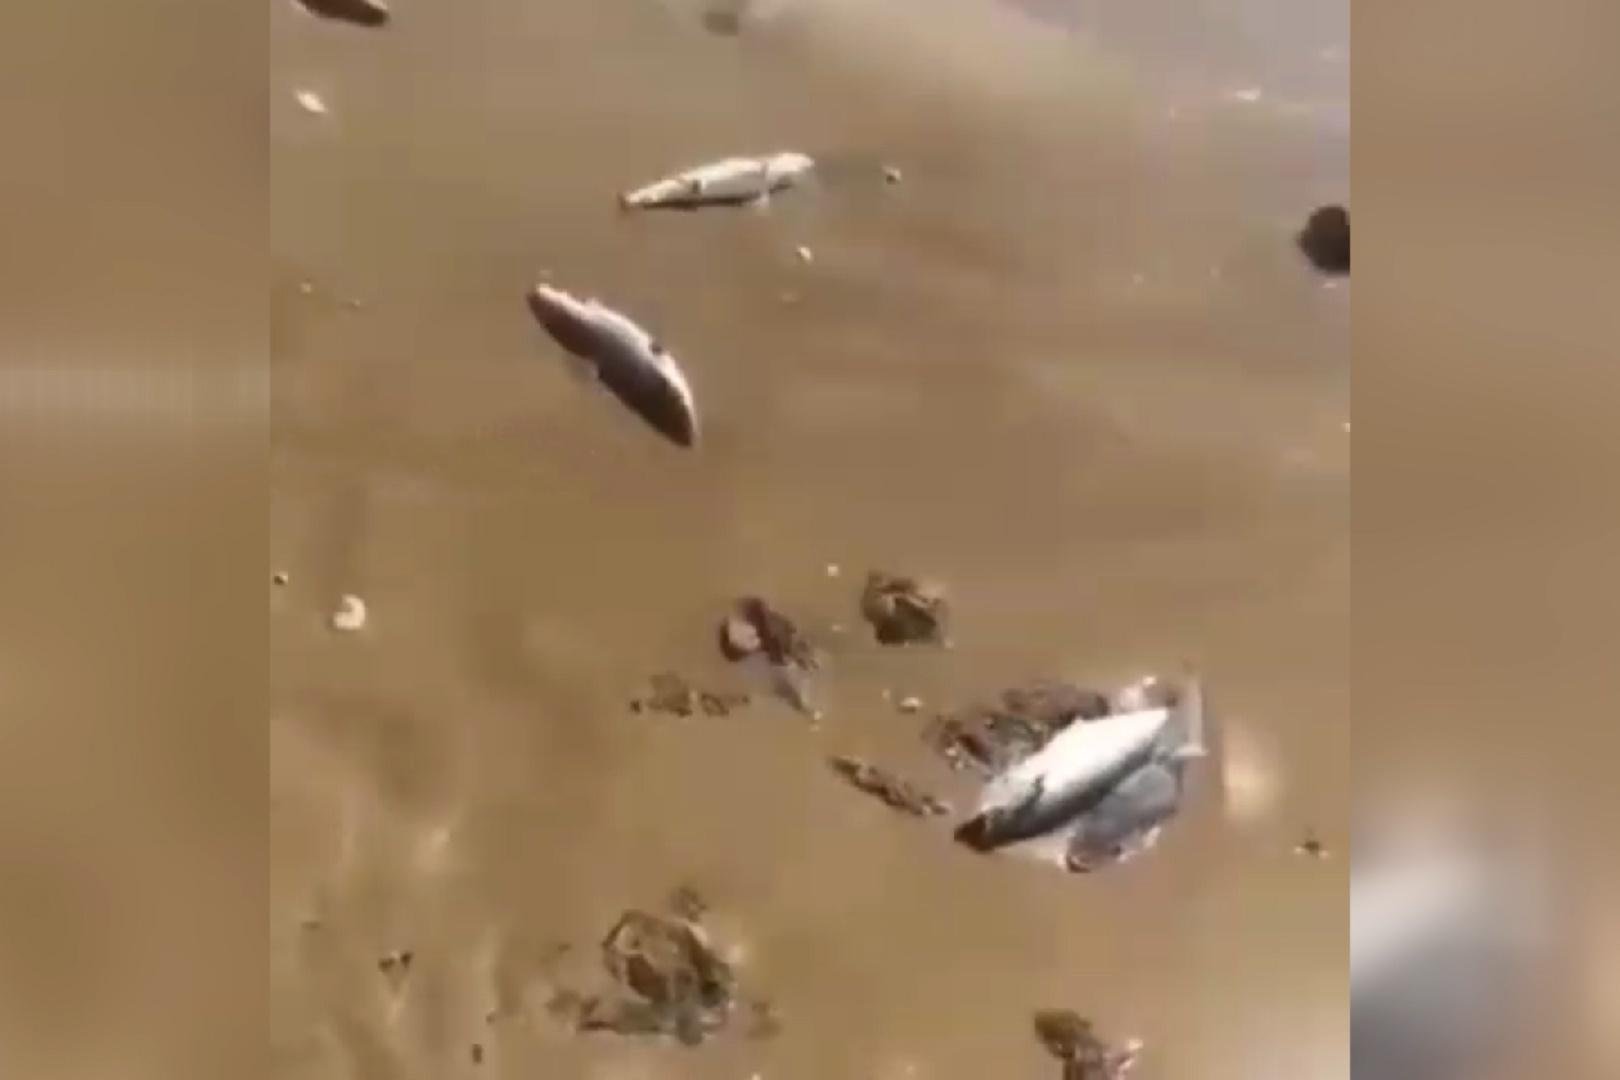 فیلم | لاشه دهها بچهکوسه با دُم بریده در ساحل کنگان و بوشهر